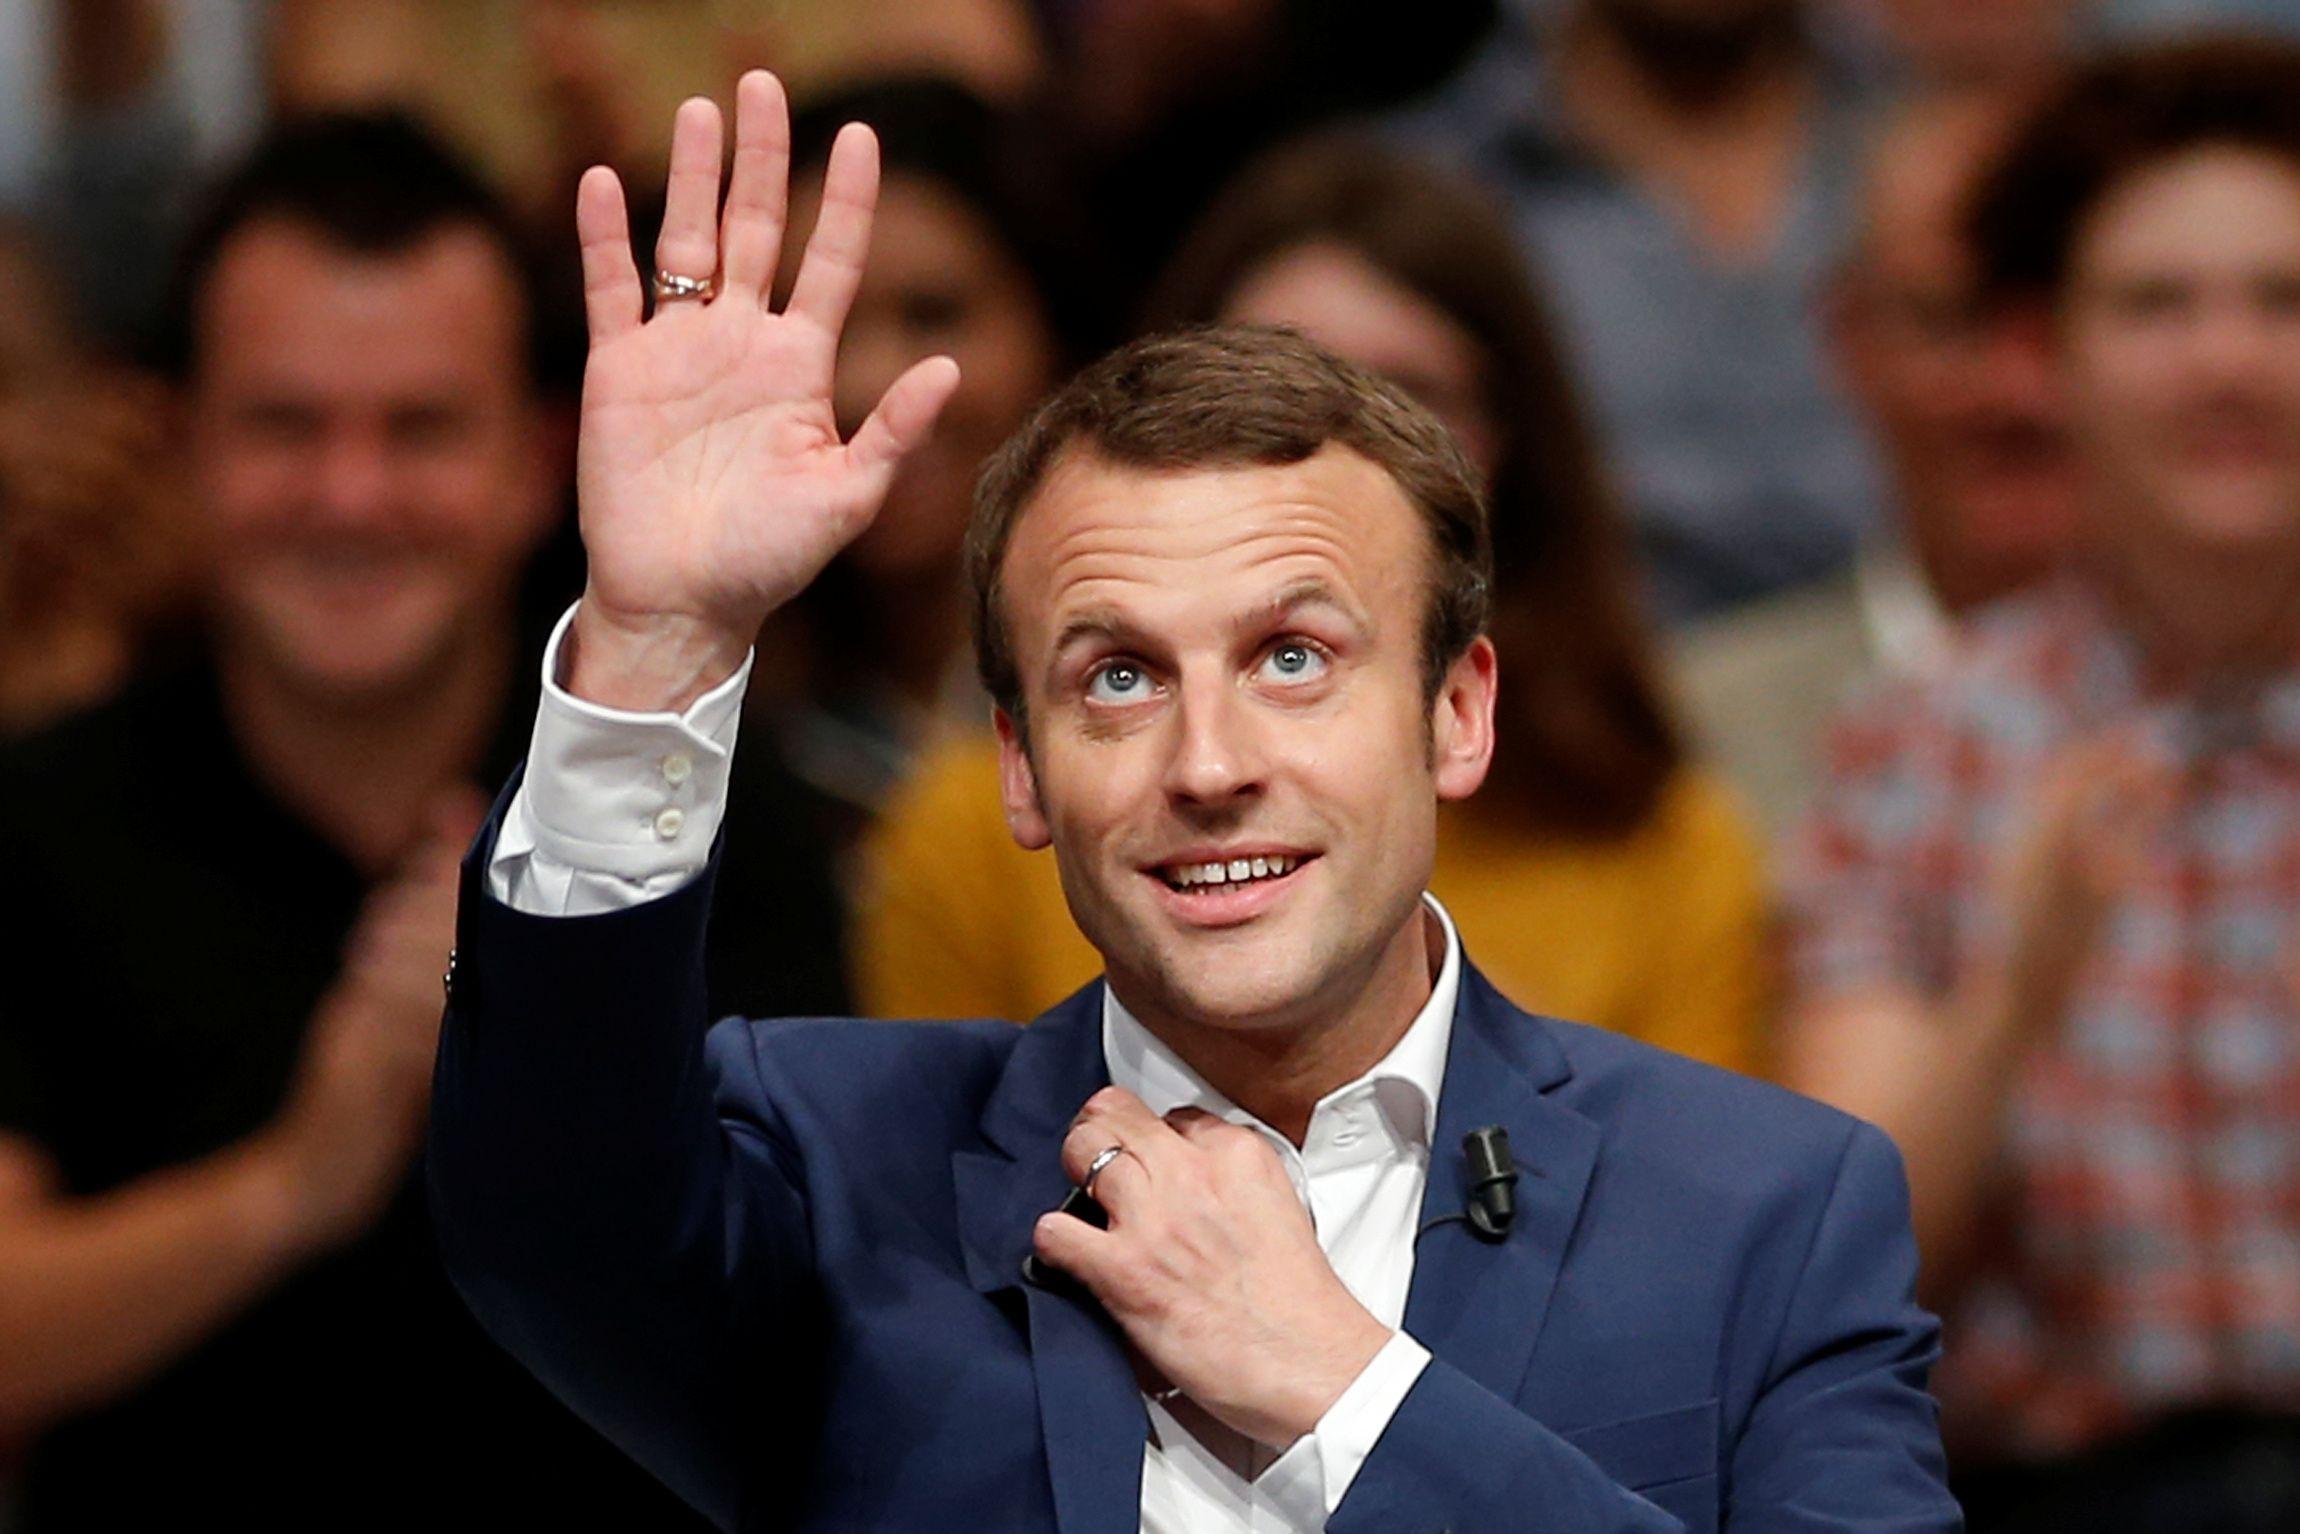 SOS idée remarquable : les candidats à la primaire de gauche peinent à contrer l'effet Macron (pourtant si tiède)